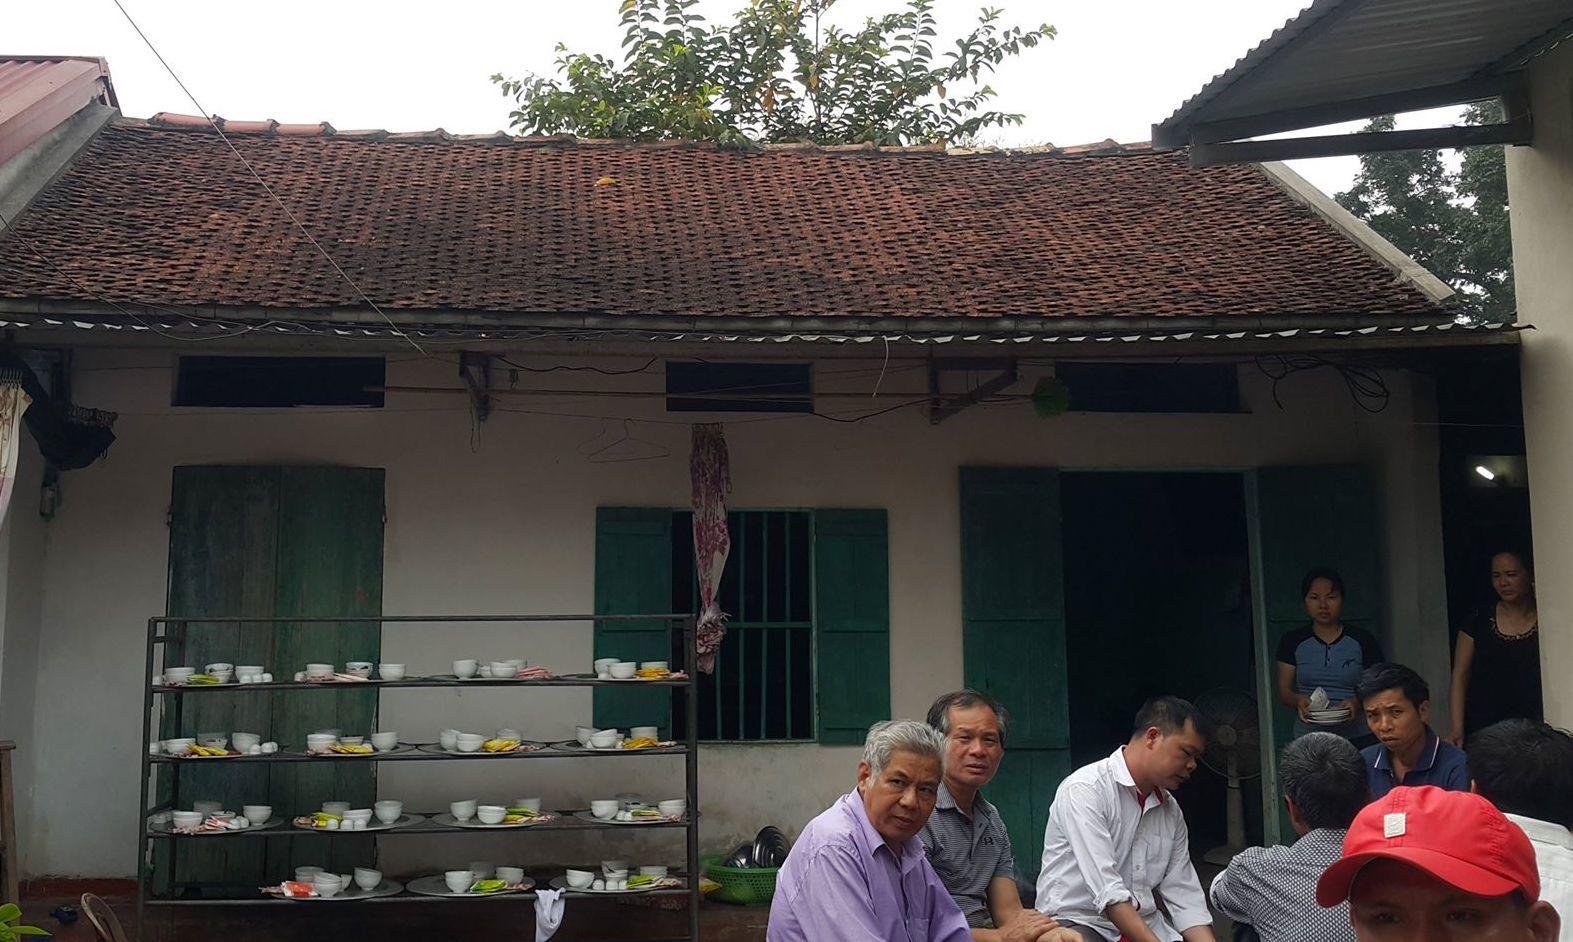 Châu Việt Cường,ca sĩ Châu Việt Cường,ma túy đá,ngáo đá